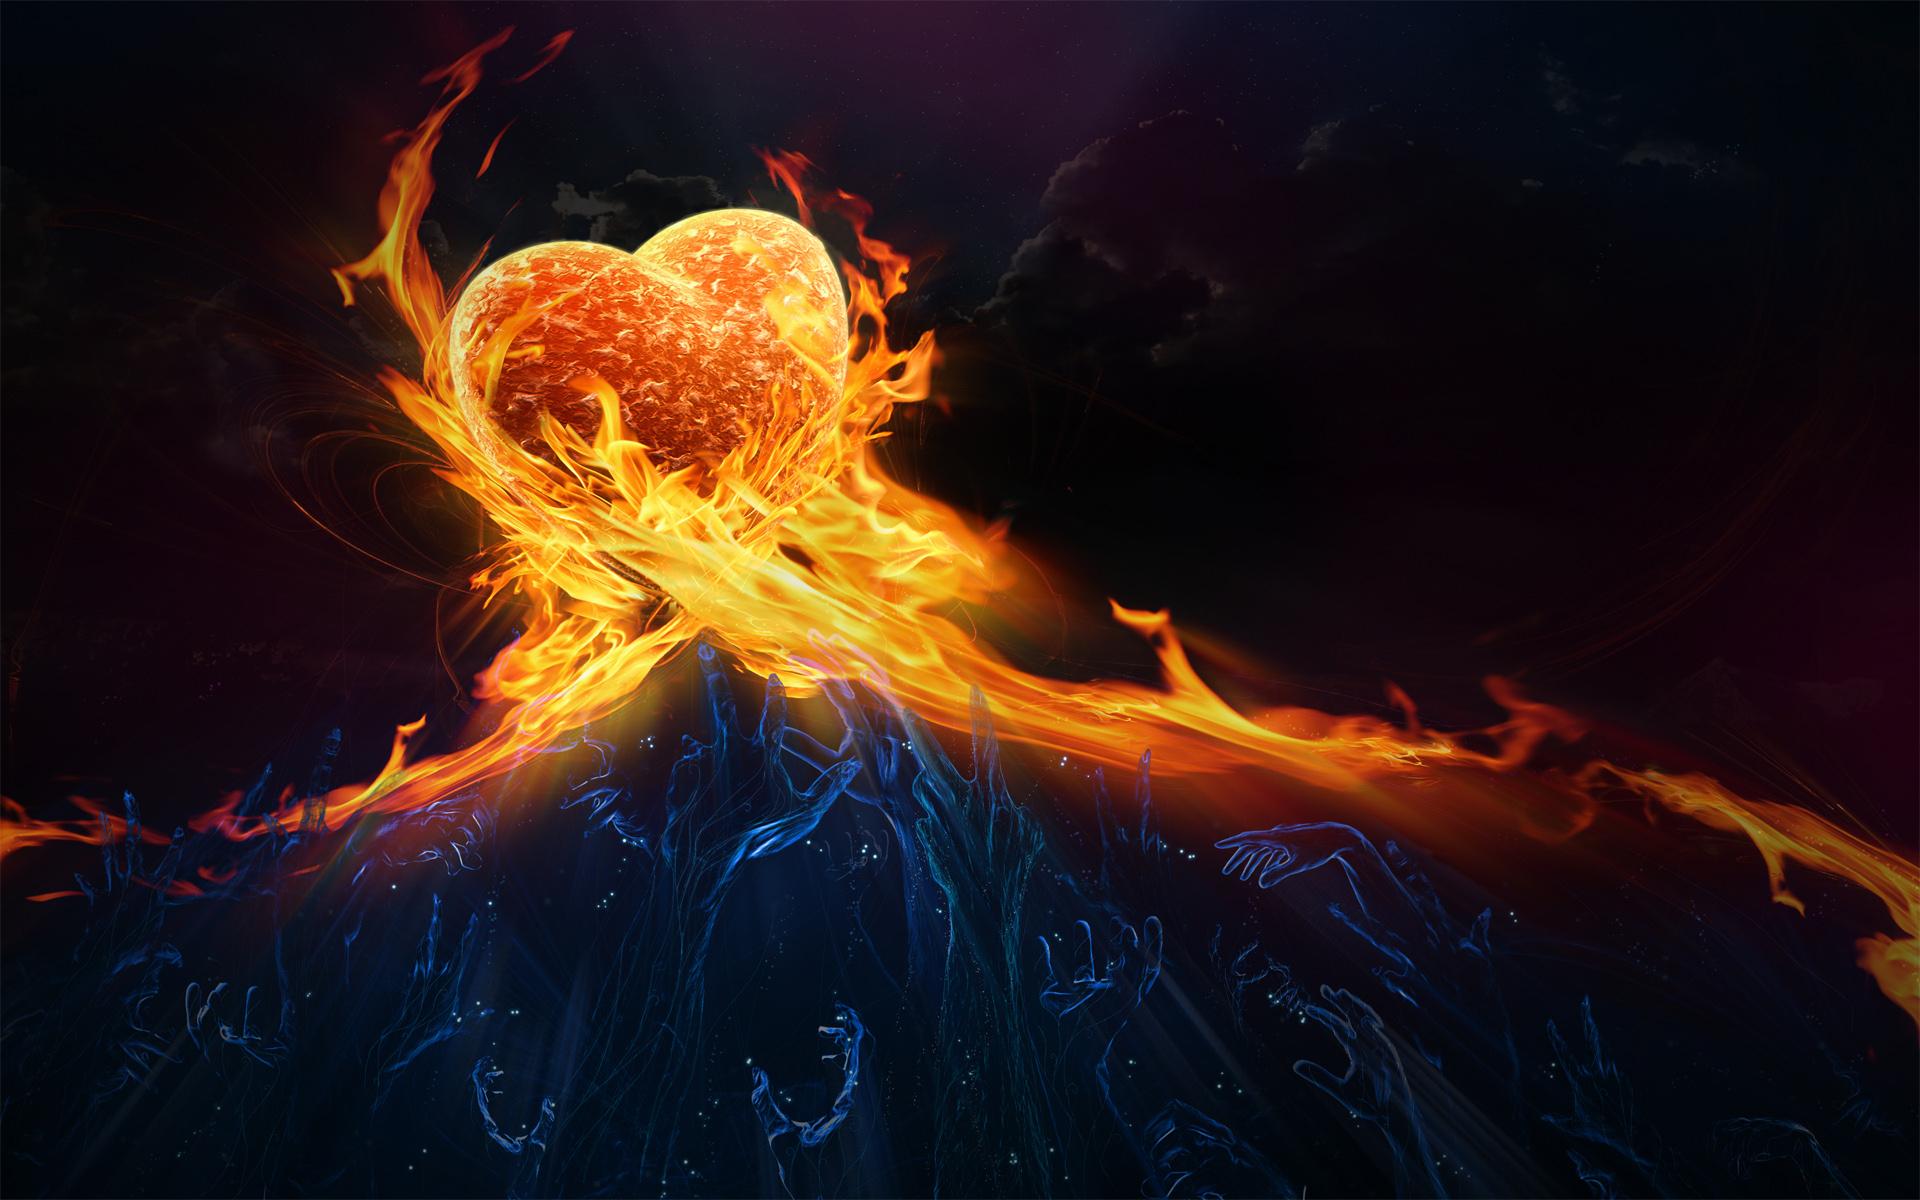 Художественный - Сердце  Кисть огонь Любовь Апельсин Красный Небо Обои